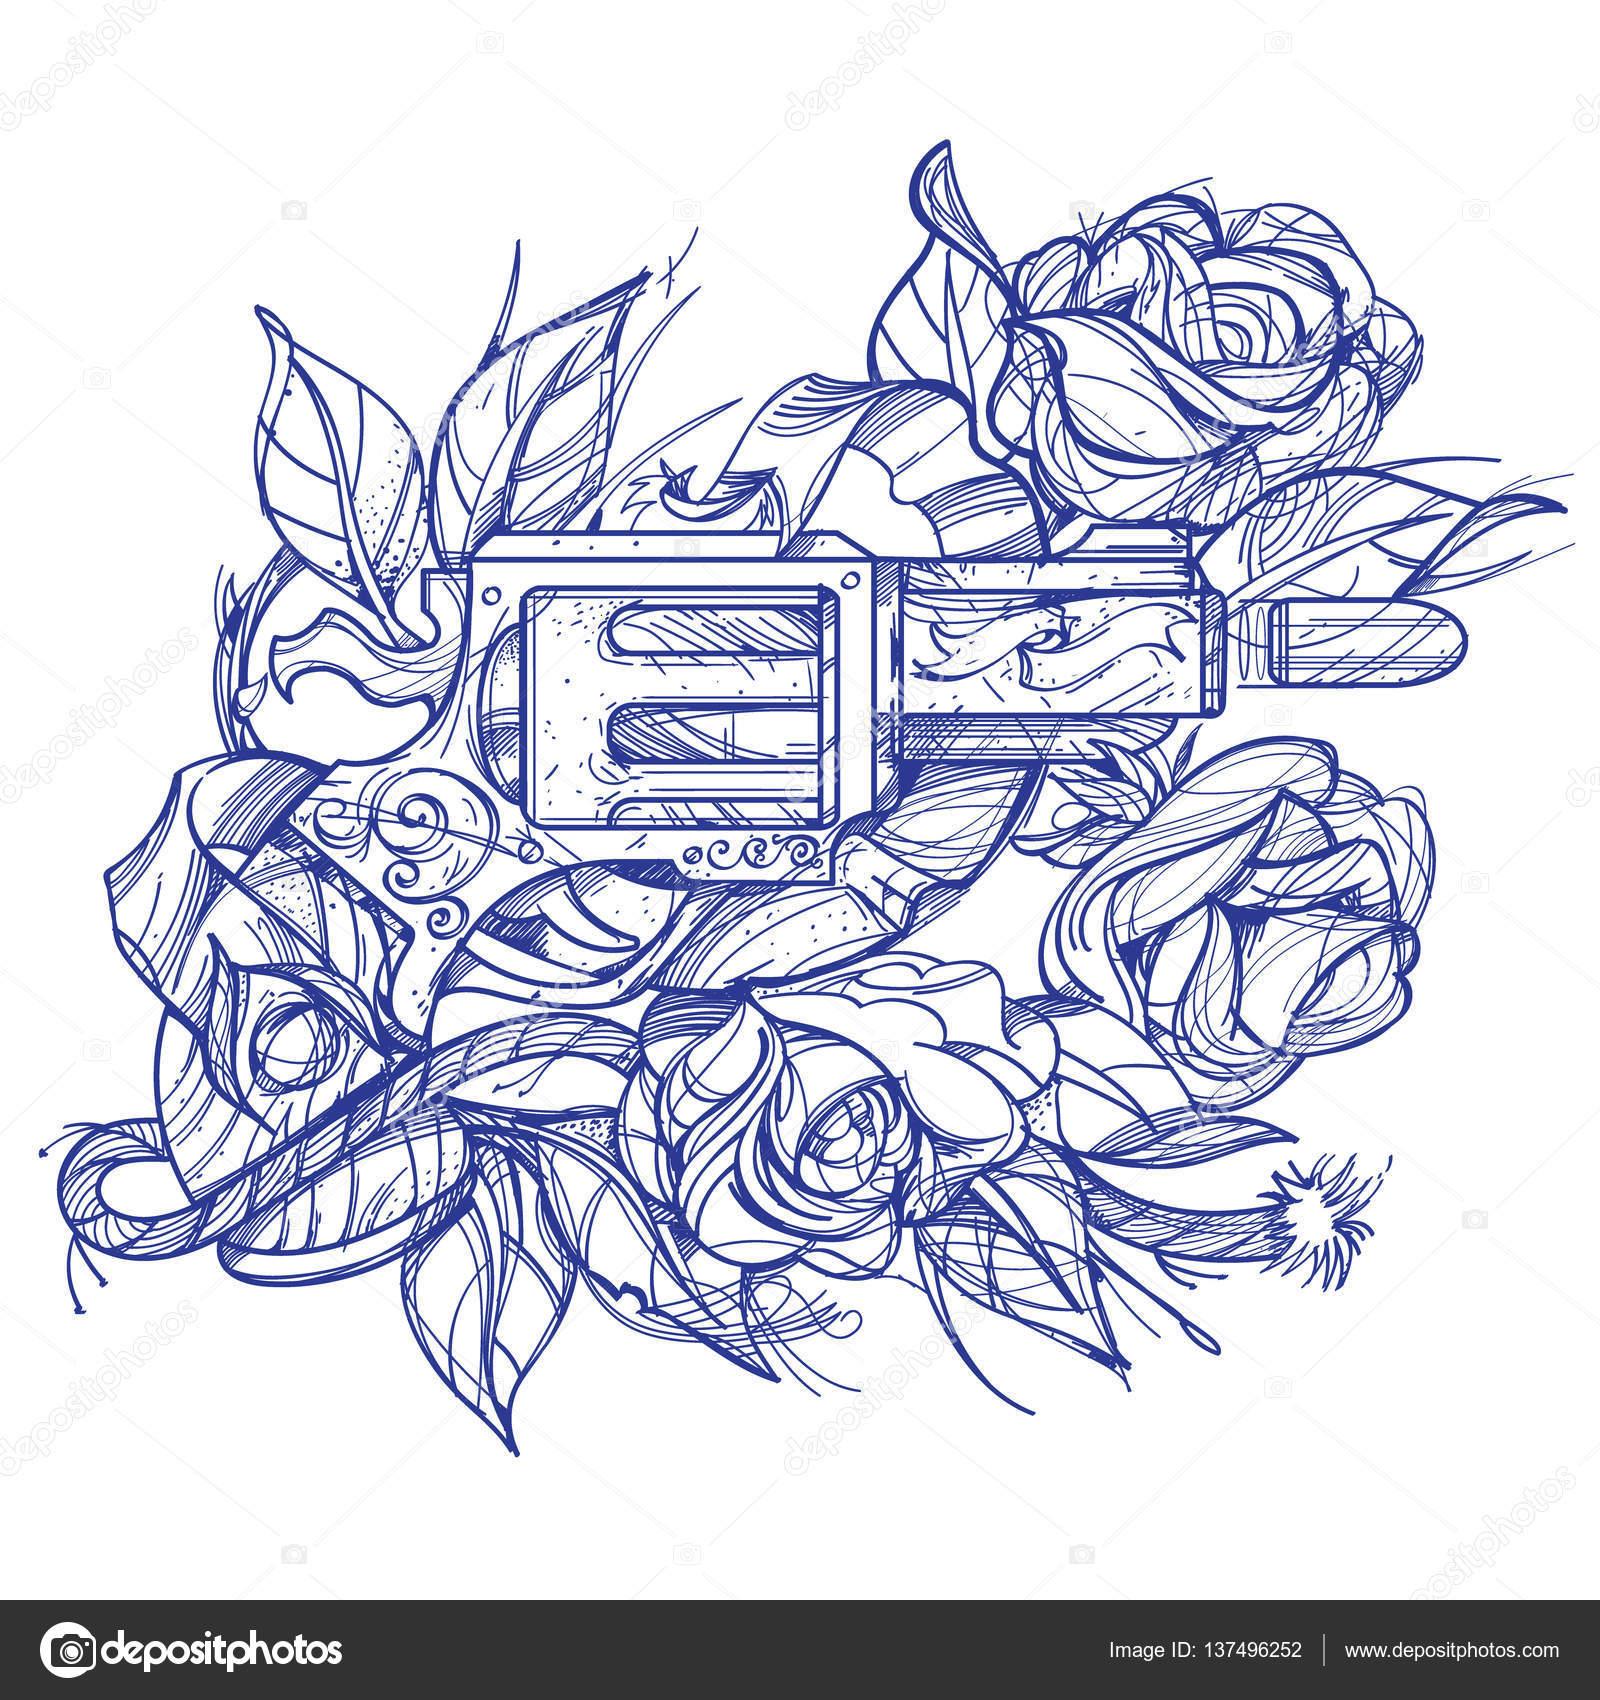 Armas y rosas tatuaje estilo de dibujo a mano. Imagen para colorear ...